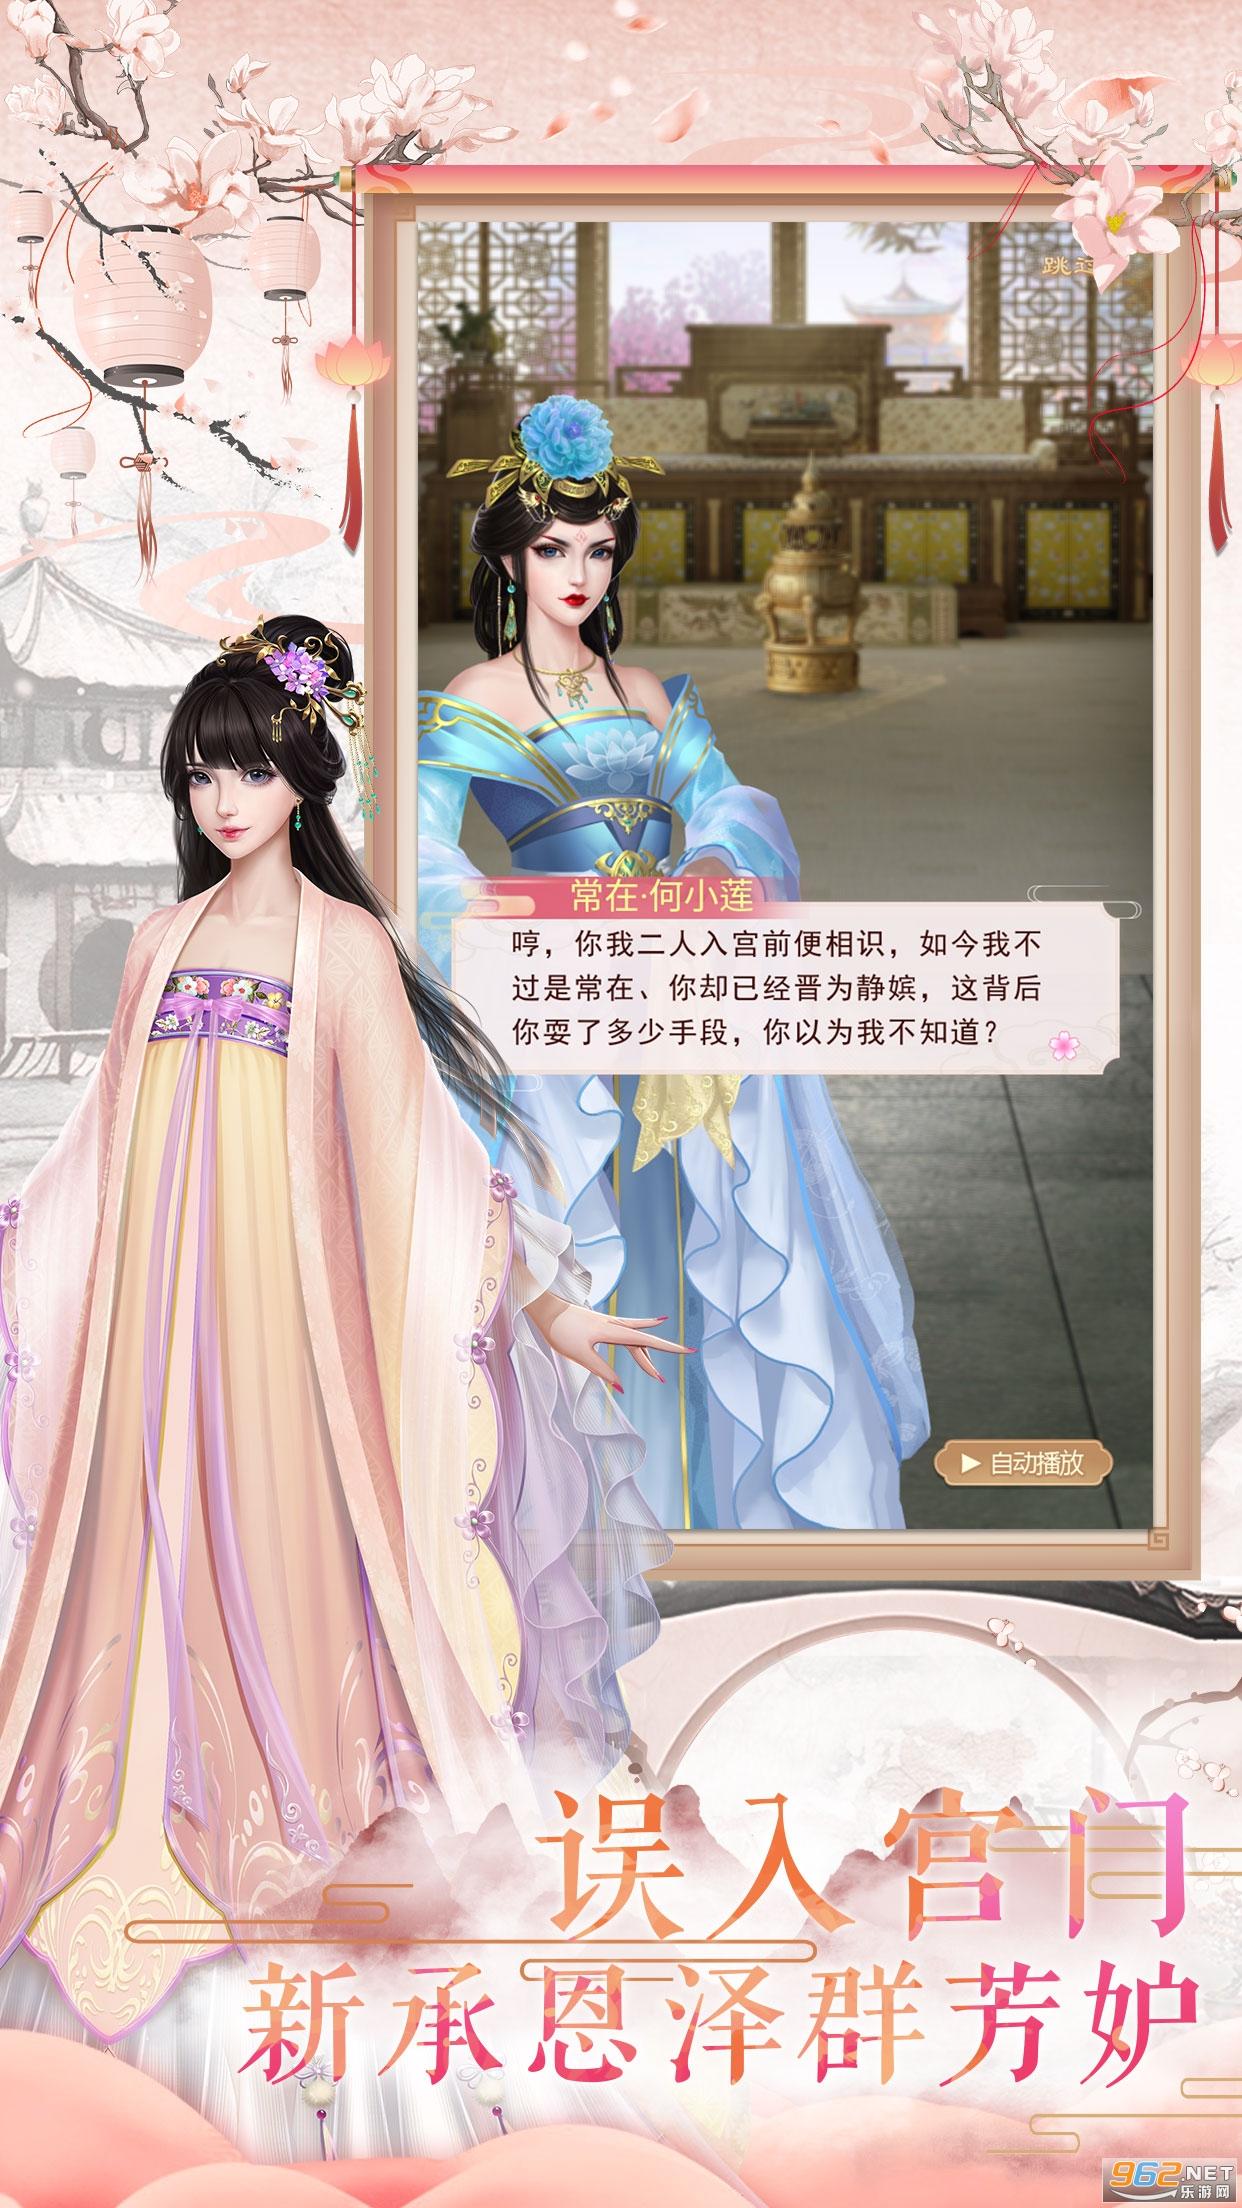 凤凰心计花想容宫斗手游v4.6 最新版截图2